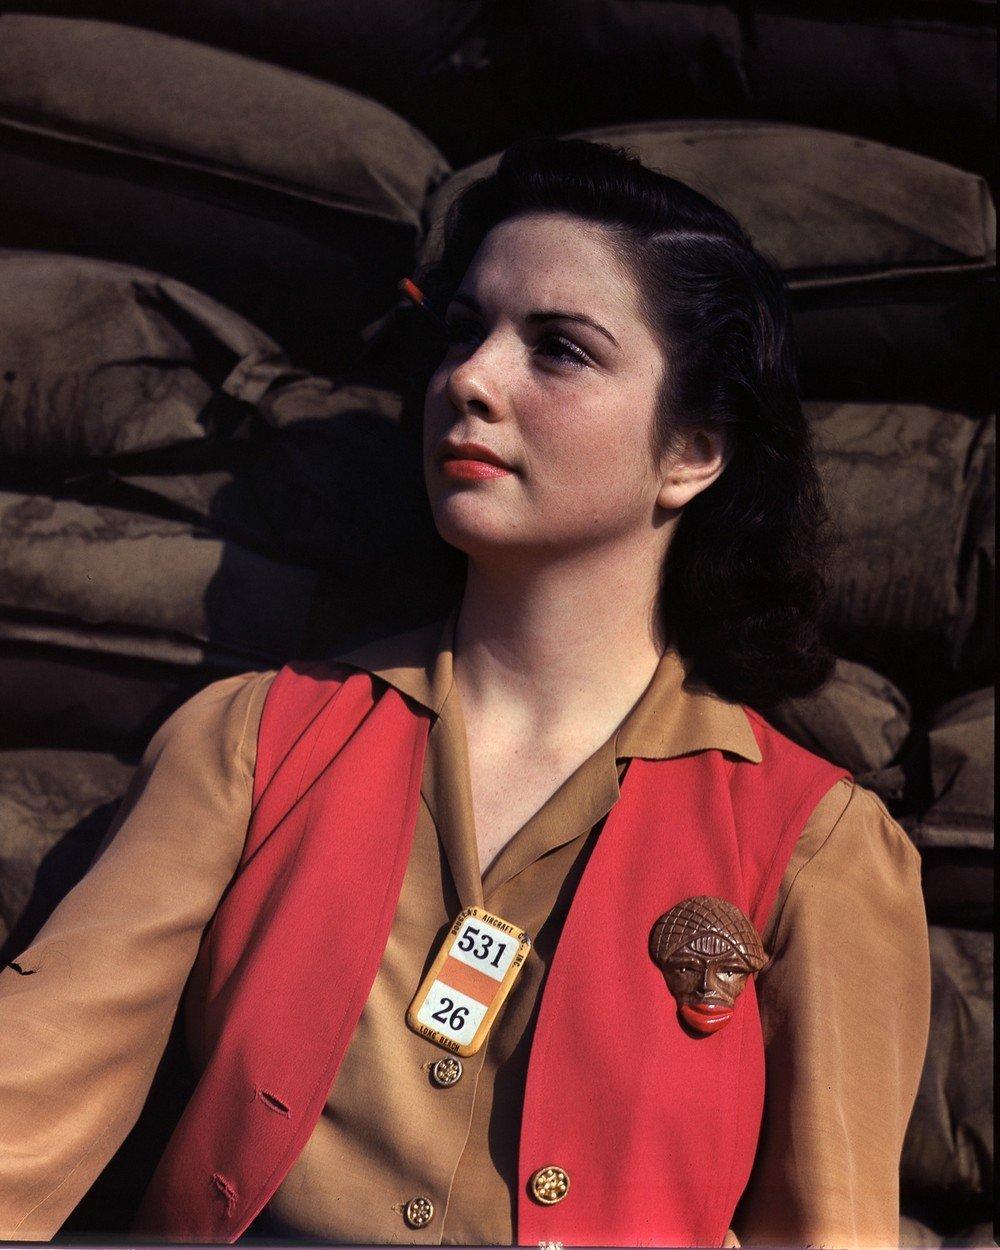 womenworkers-26